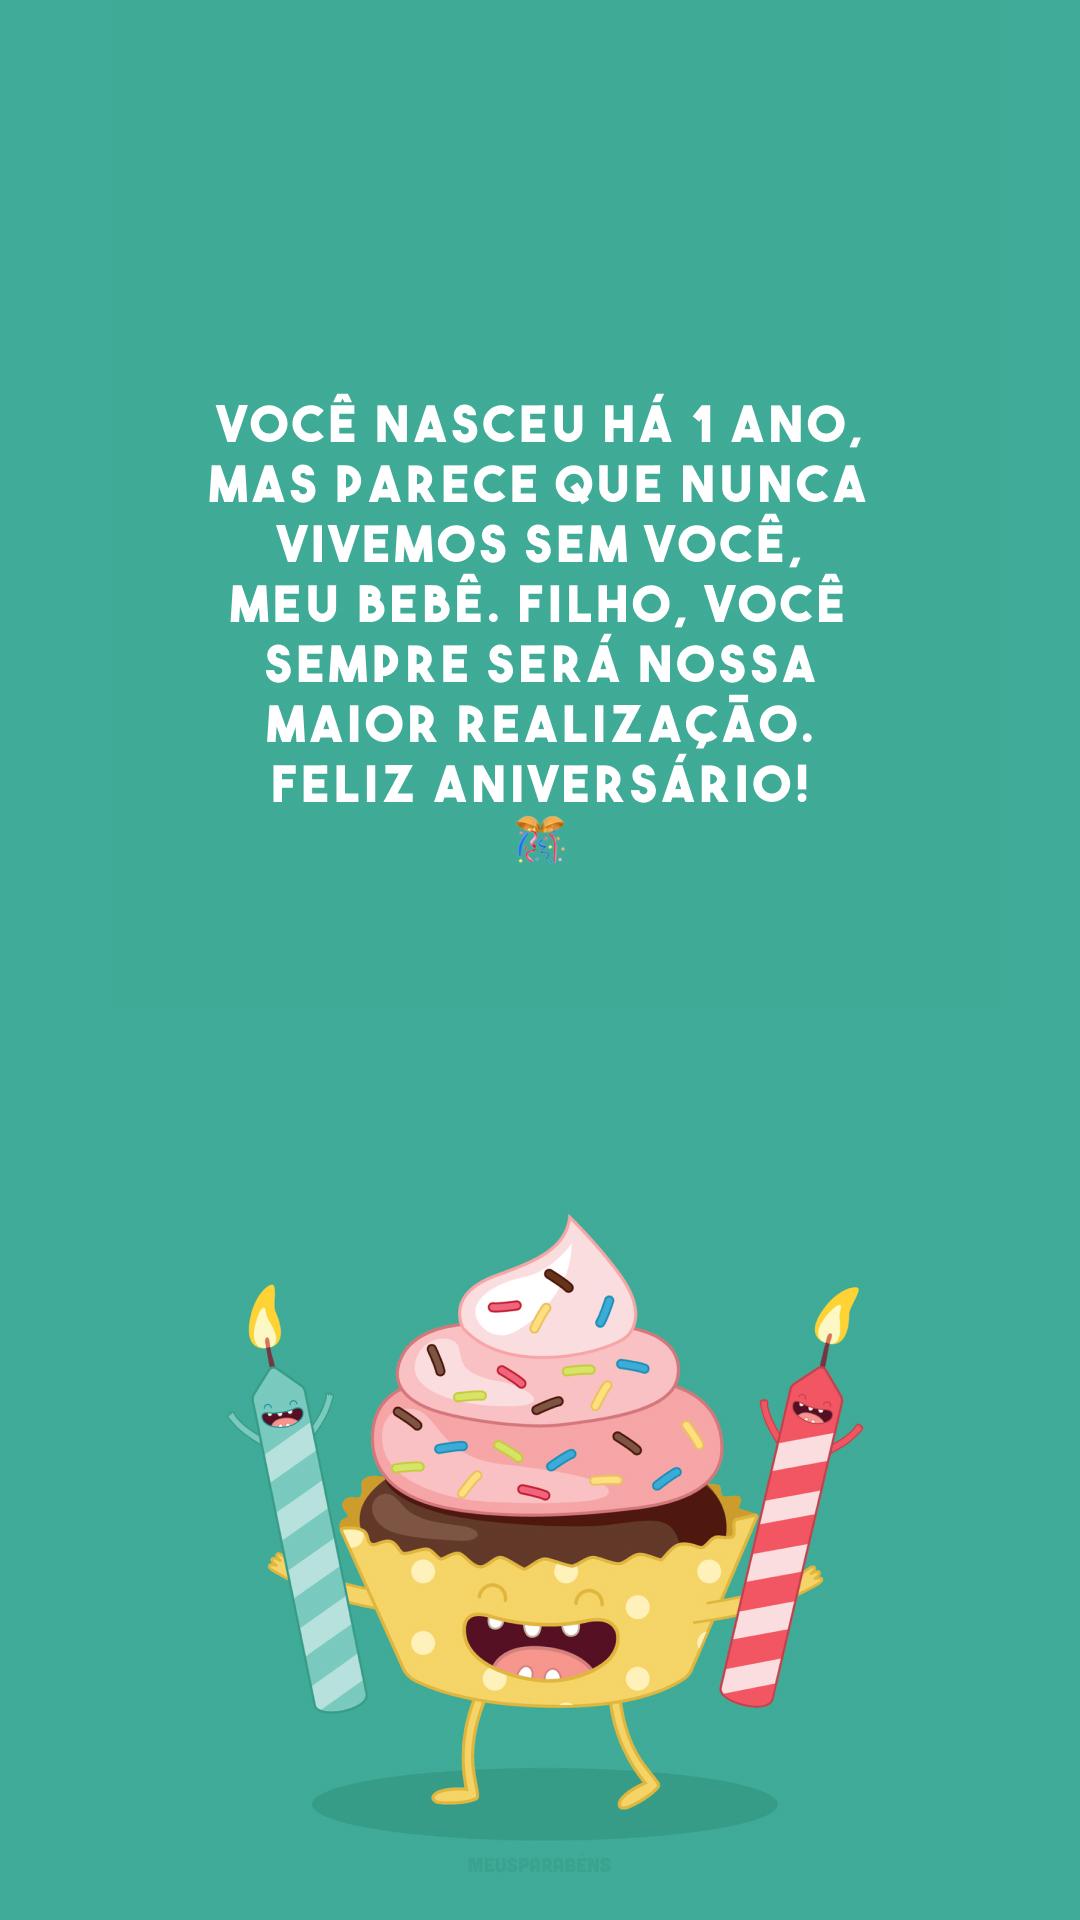 Você nasceu há 1 ano, mas parece que nunca vivemos sem você, meu bebê. Filho, você sempre será nossa maior realização. Feliz aniversário! 🎊